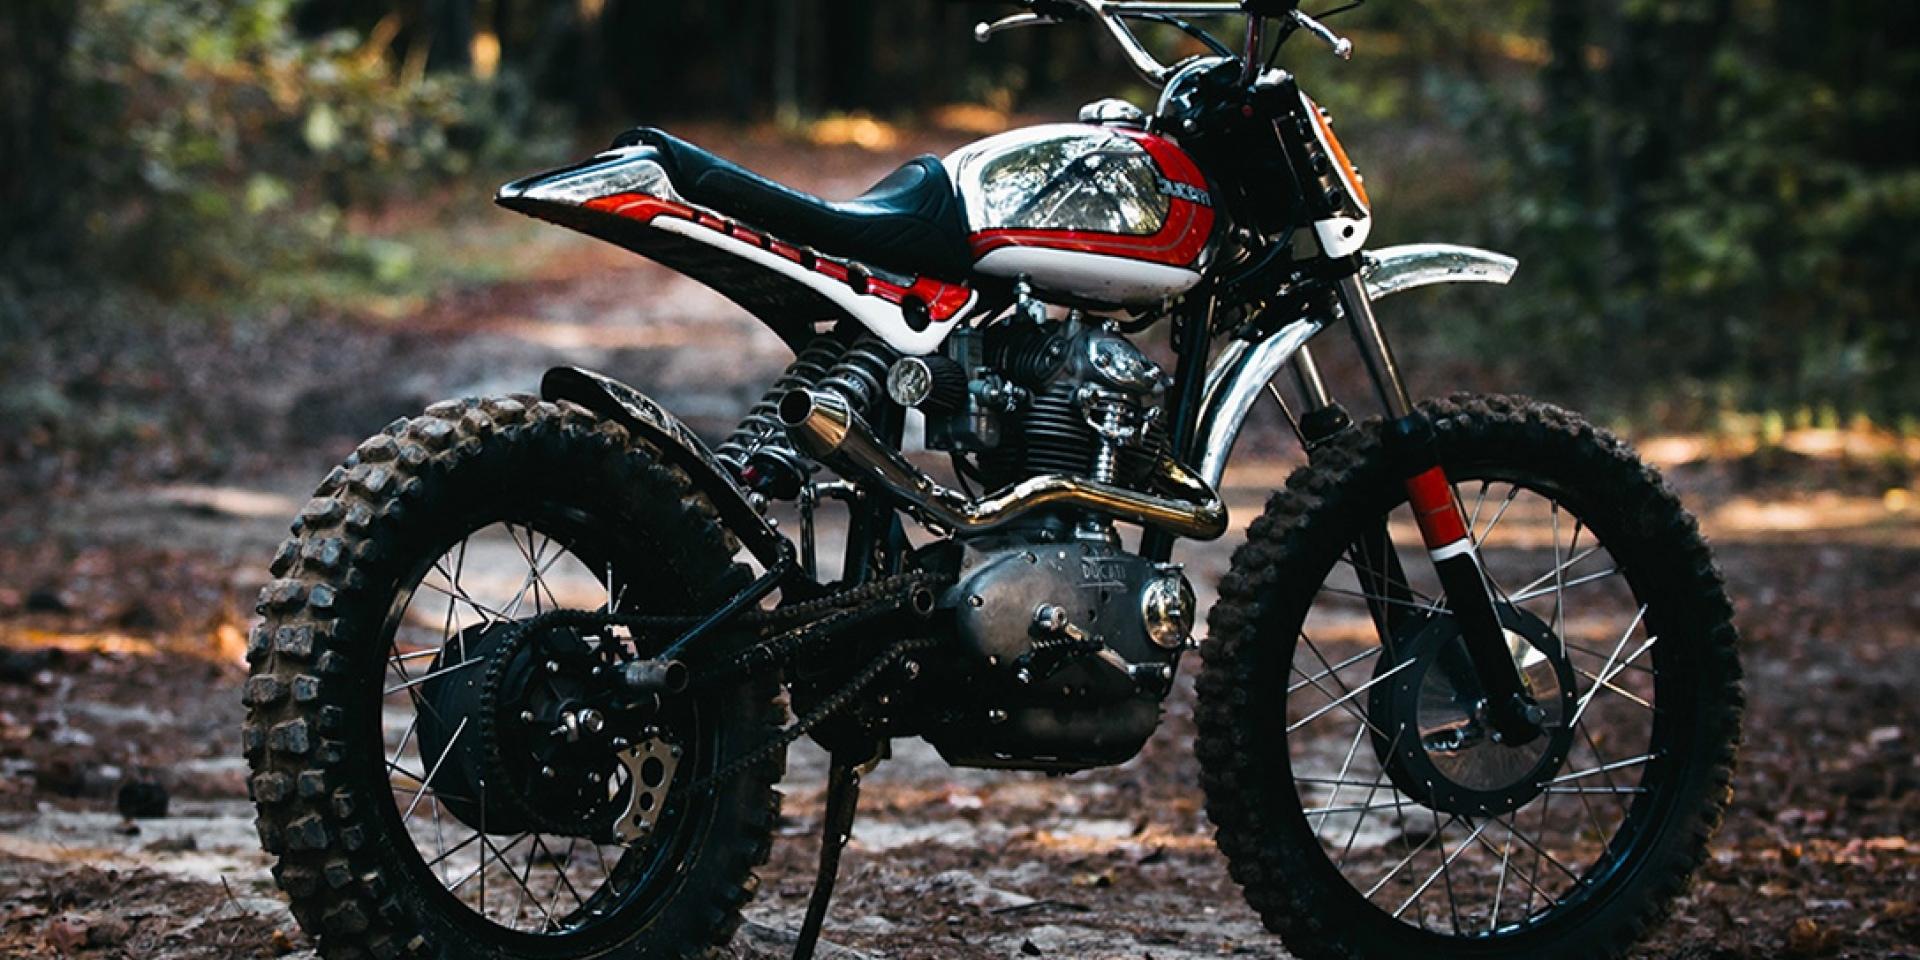 走過半世紀的不朽傳奇。Ducati 250 Scrambler Super Duc